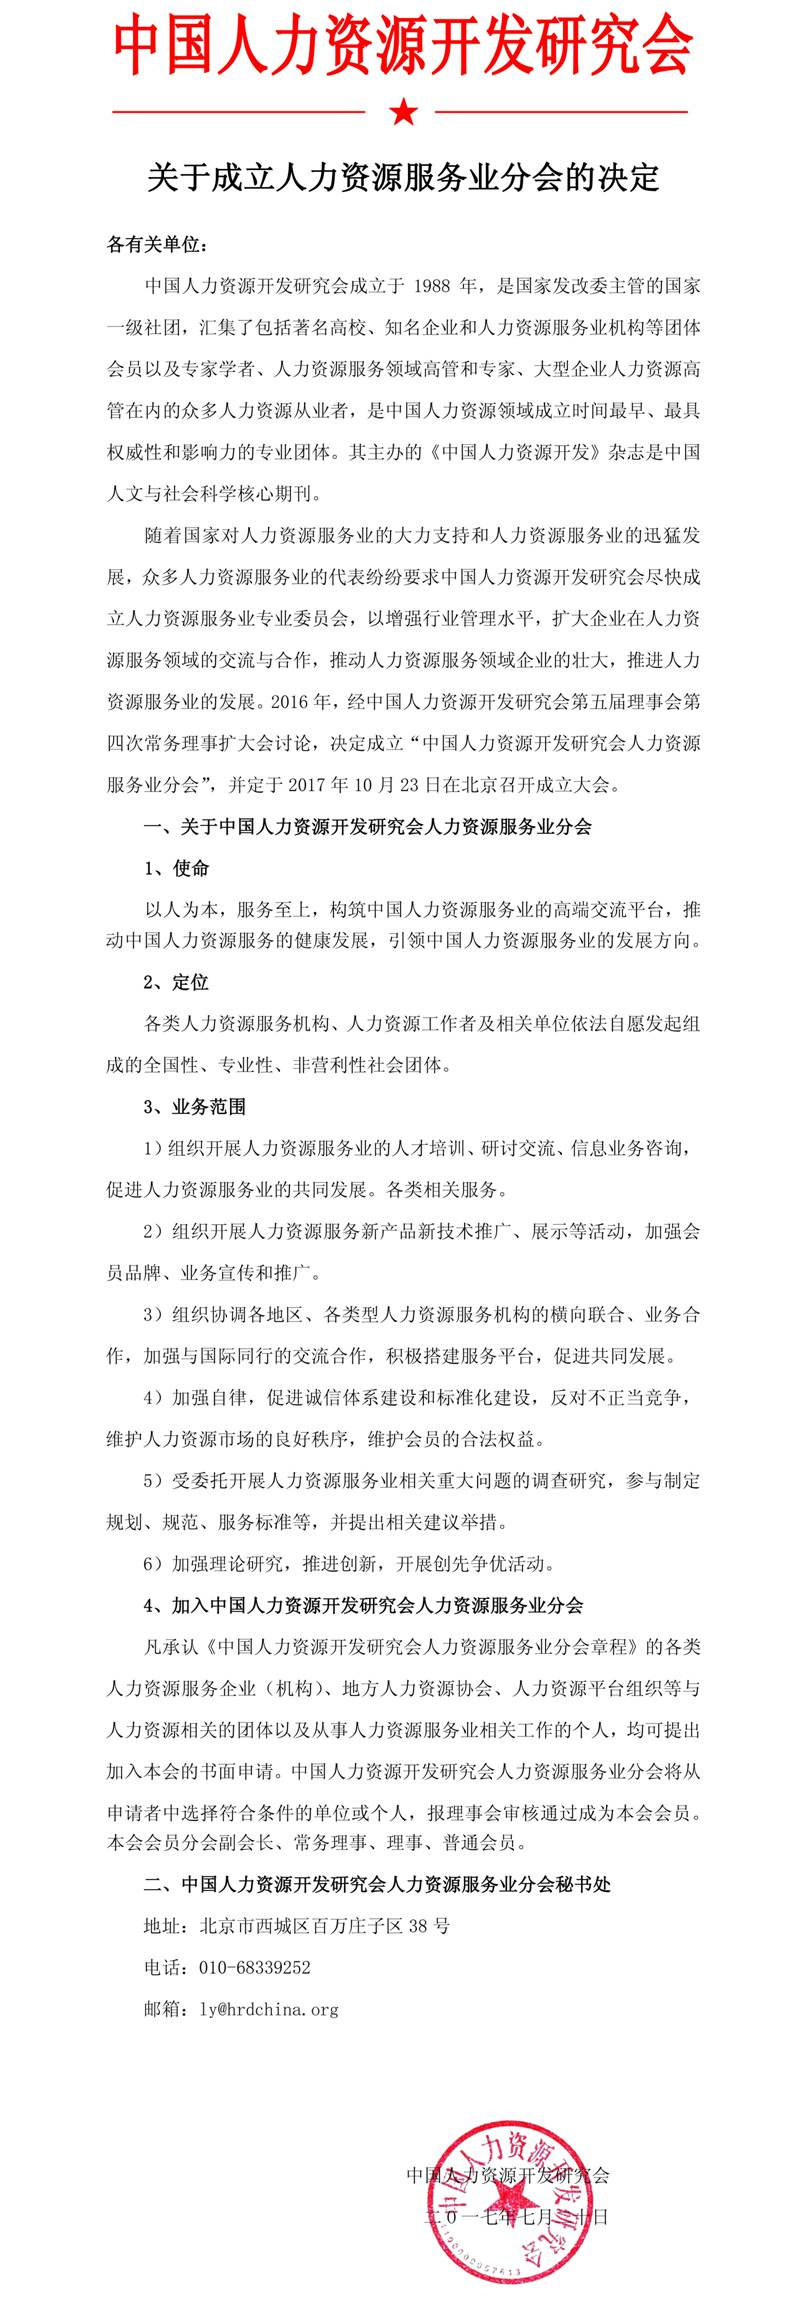 第二届中国人力资源开发与管理案例研究论坛12月9日在京成功举办